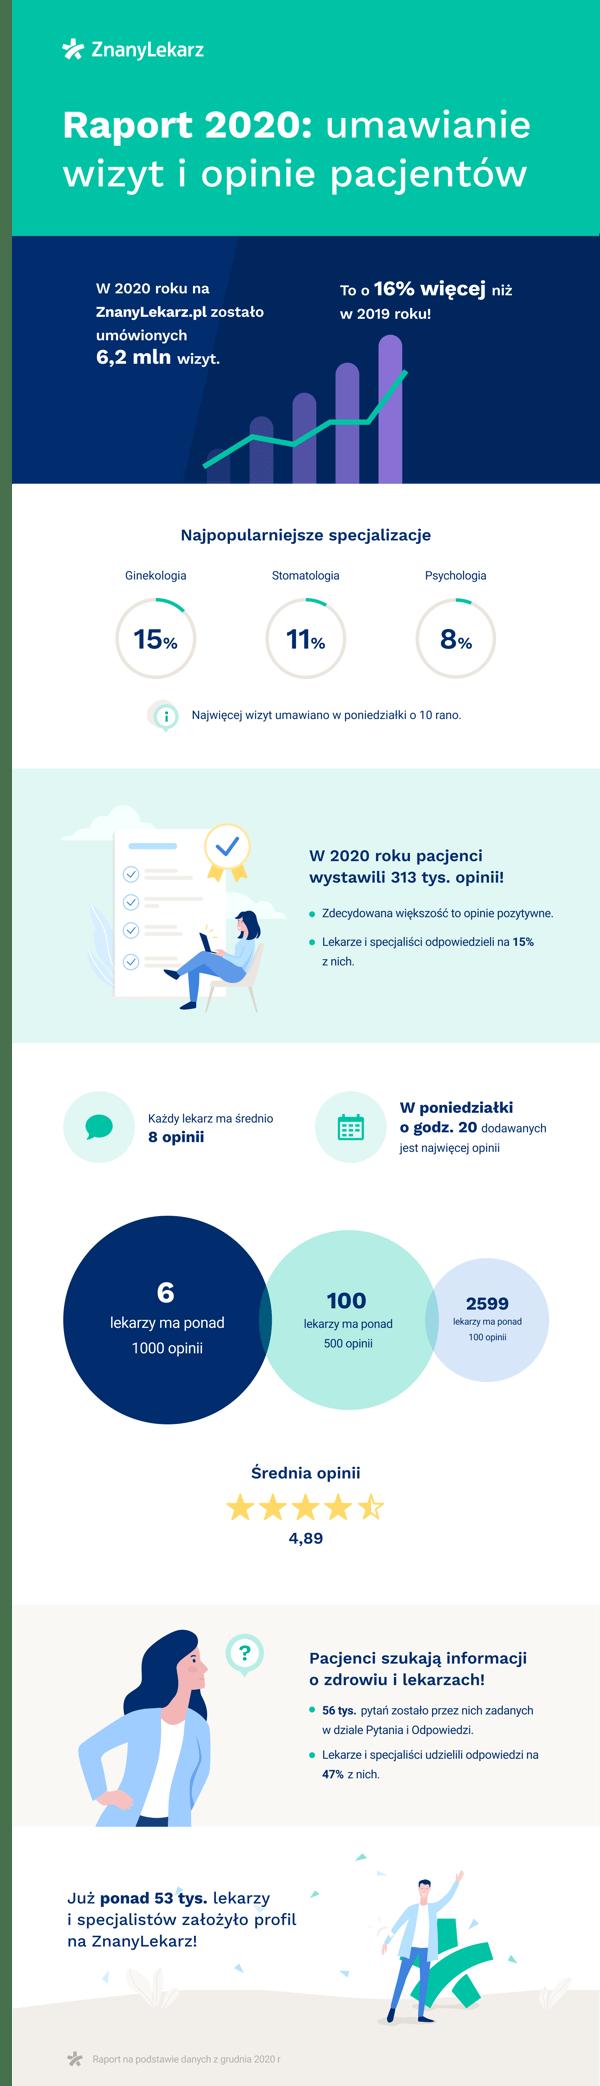 Raport 2020 umawianie wizyt i opinie pacjentów